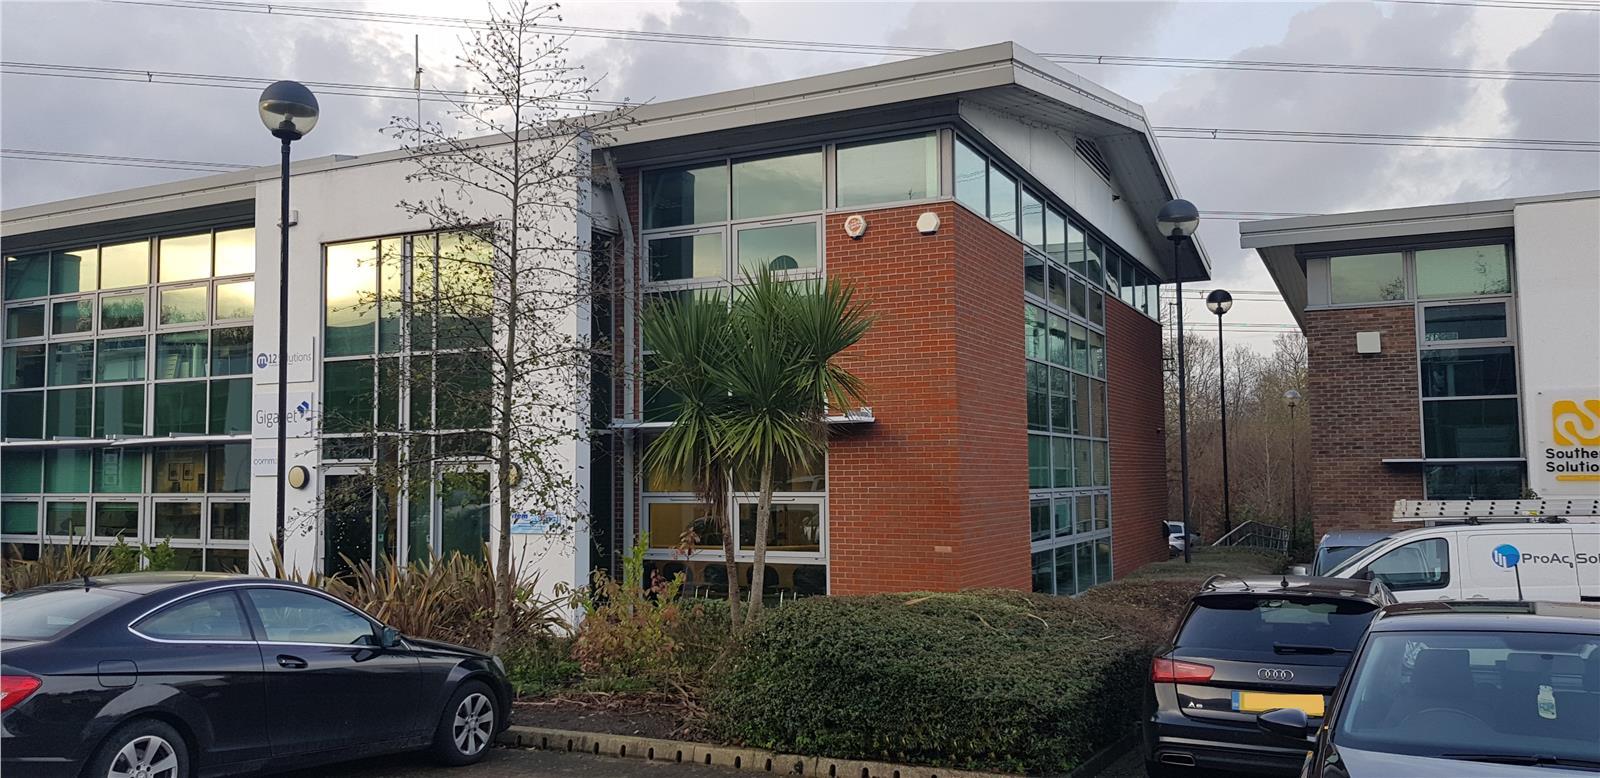 Belfry House, 4400 Parkway, Solent Business Park, Fareham, Hampshire